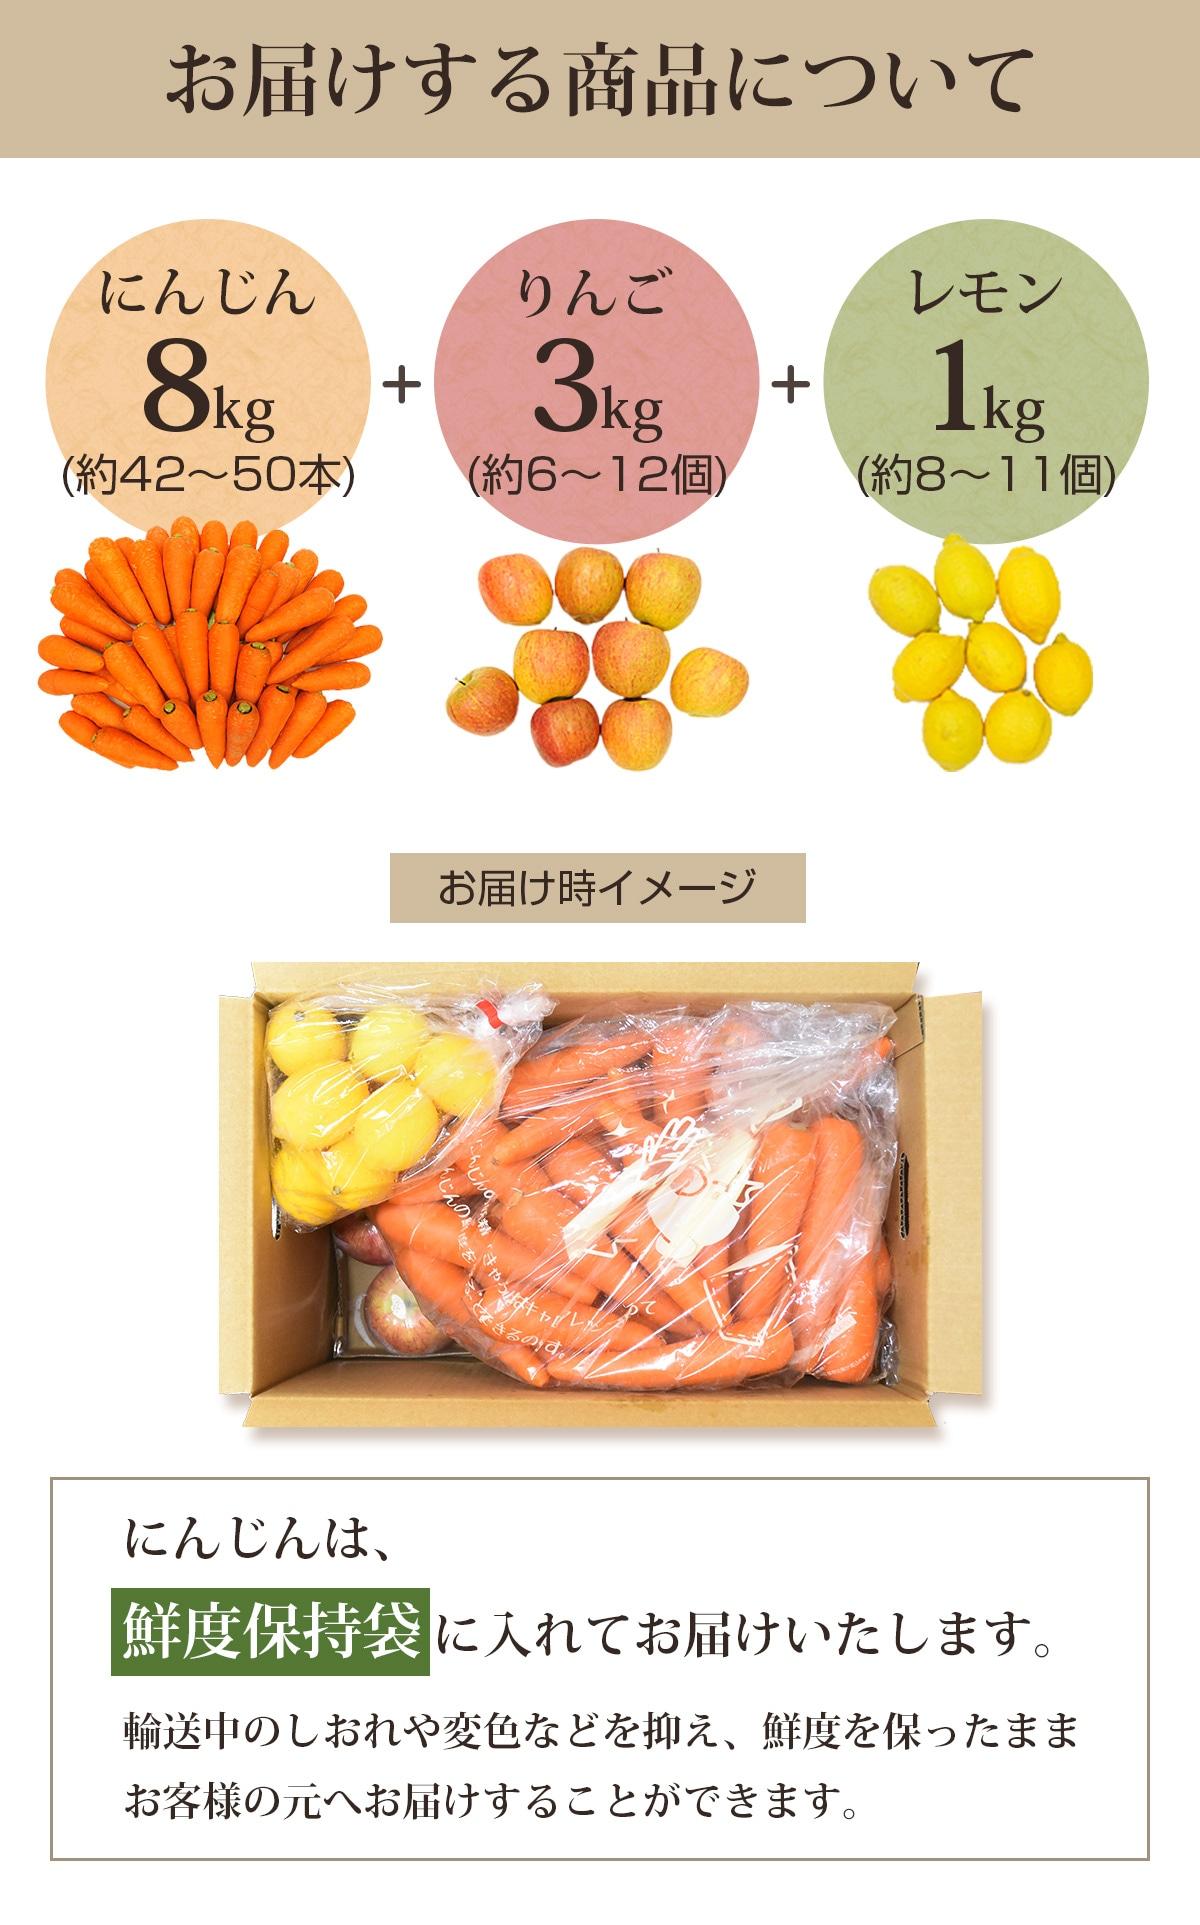 お届けする商品(人参8kg+りんご3kg+レモン1kg)